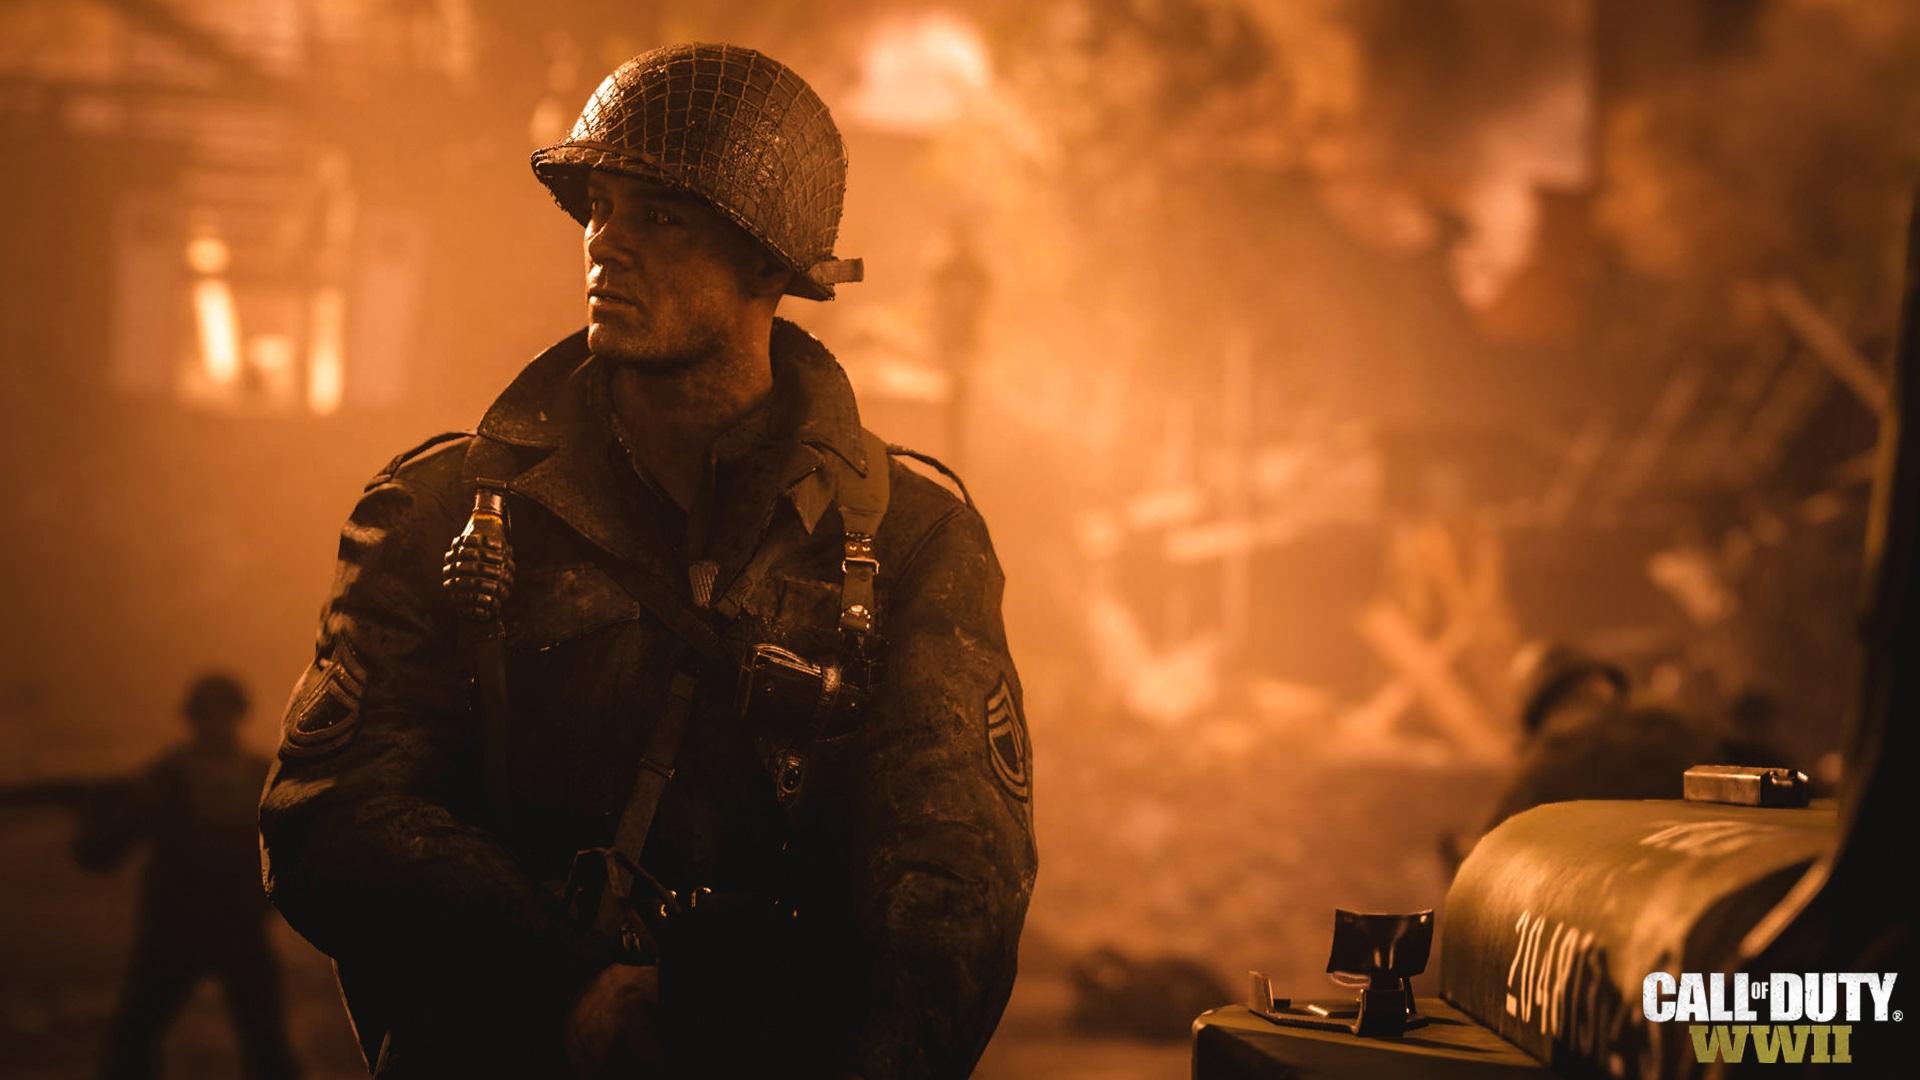 WWII Découvrez la vision de Sledgehammer Games — Call of Duty